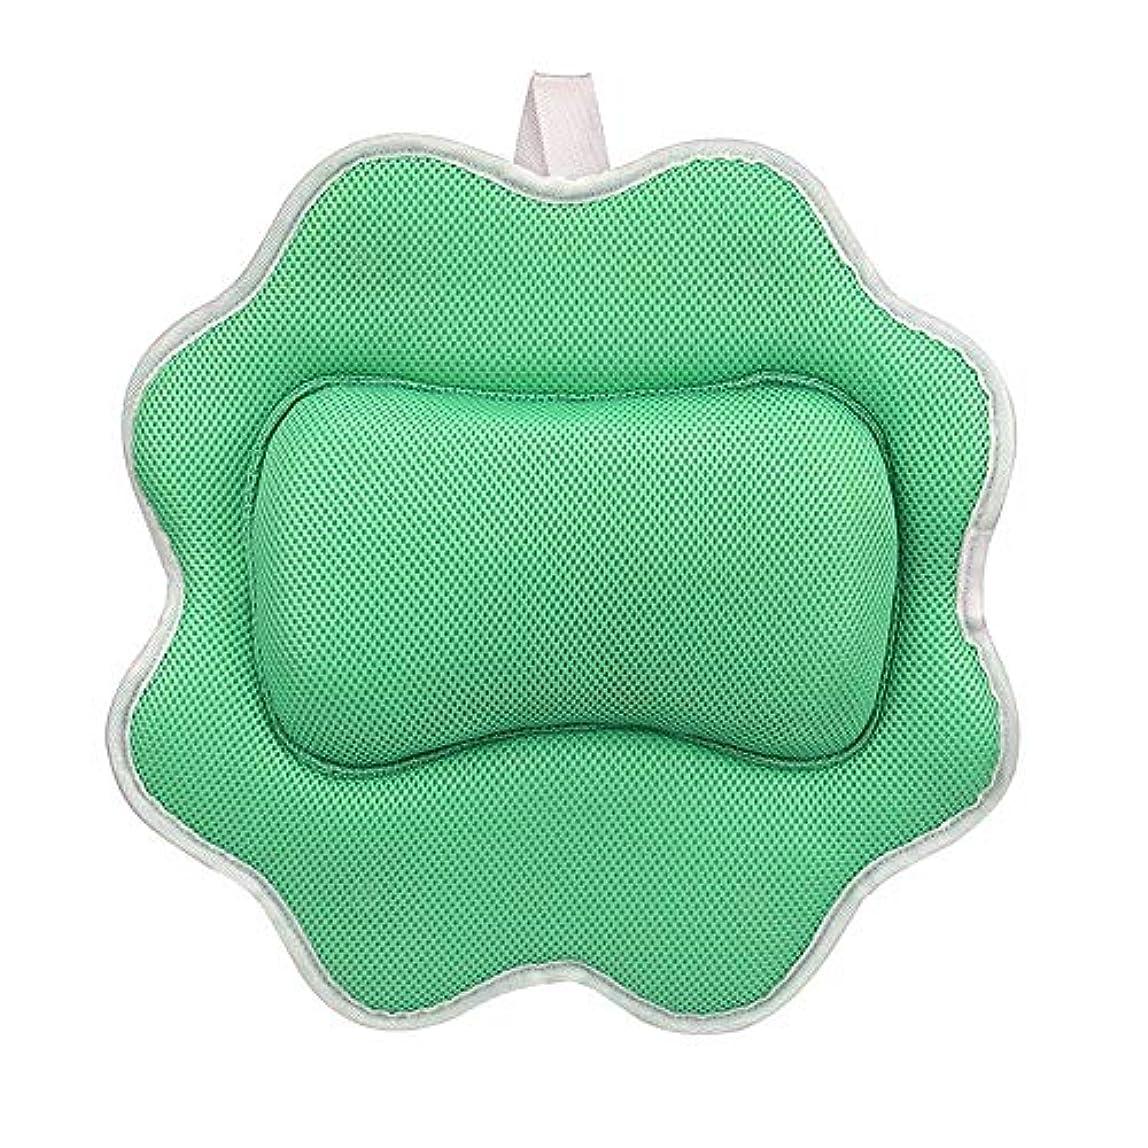 翻訳するのスコアスーツケースサンフラワーバスピロースパマッサージ枕用アップグレード5 dエアーメッシュ技術あなたの肌と首を保護、洗濯機で洗えます